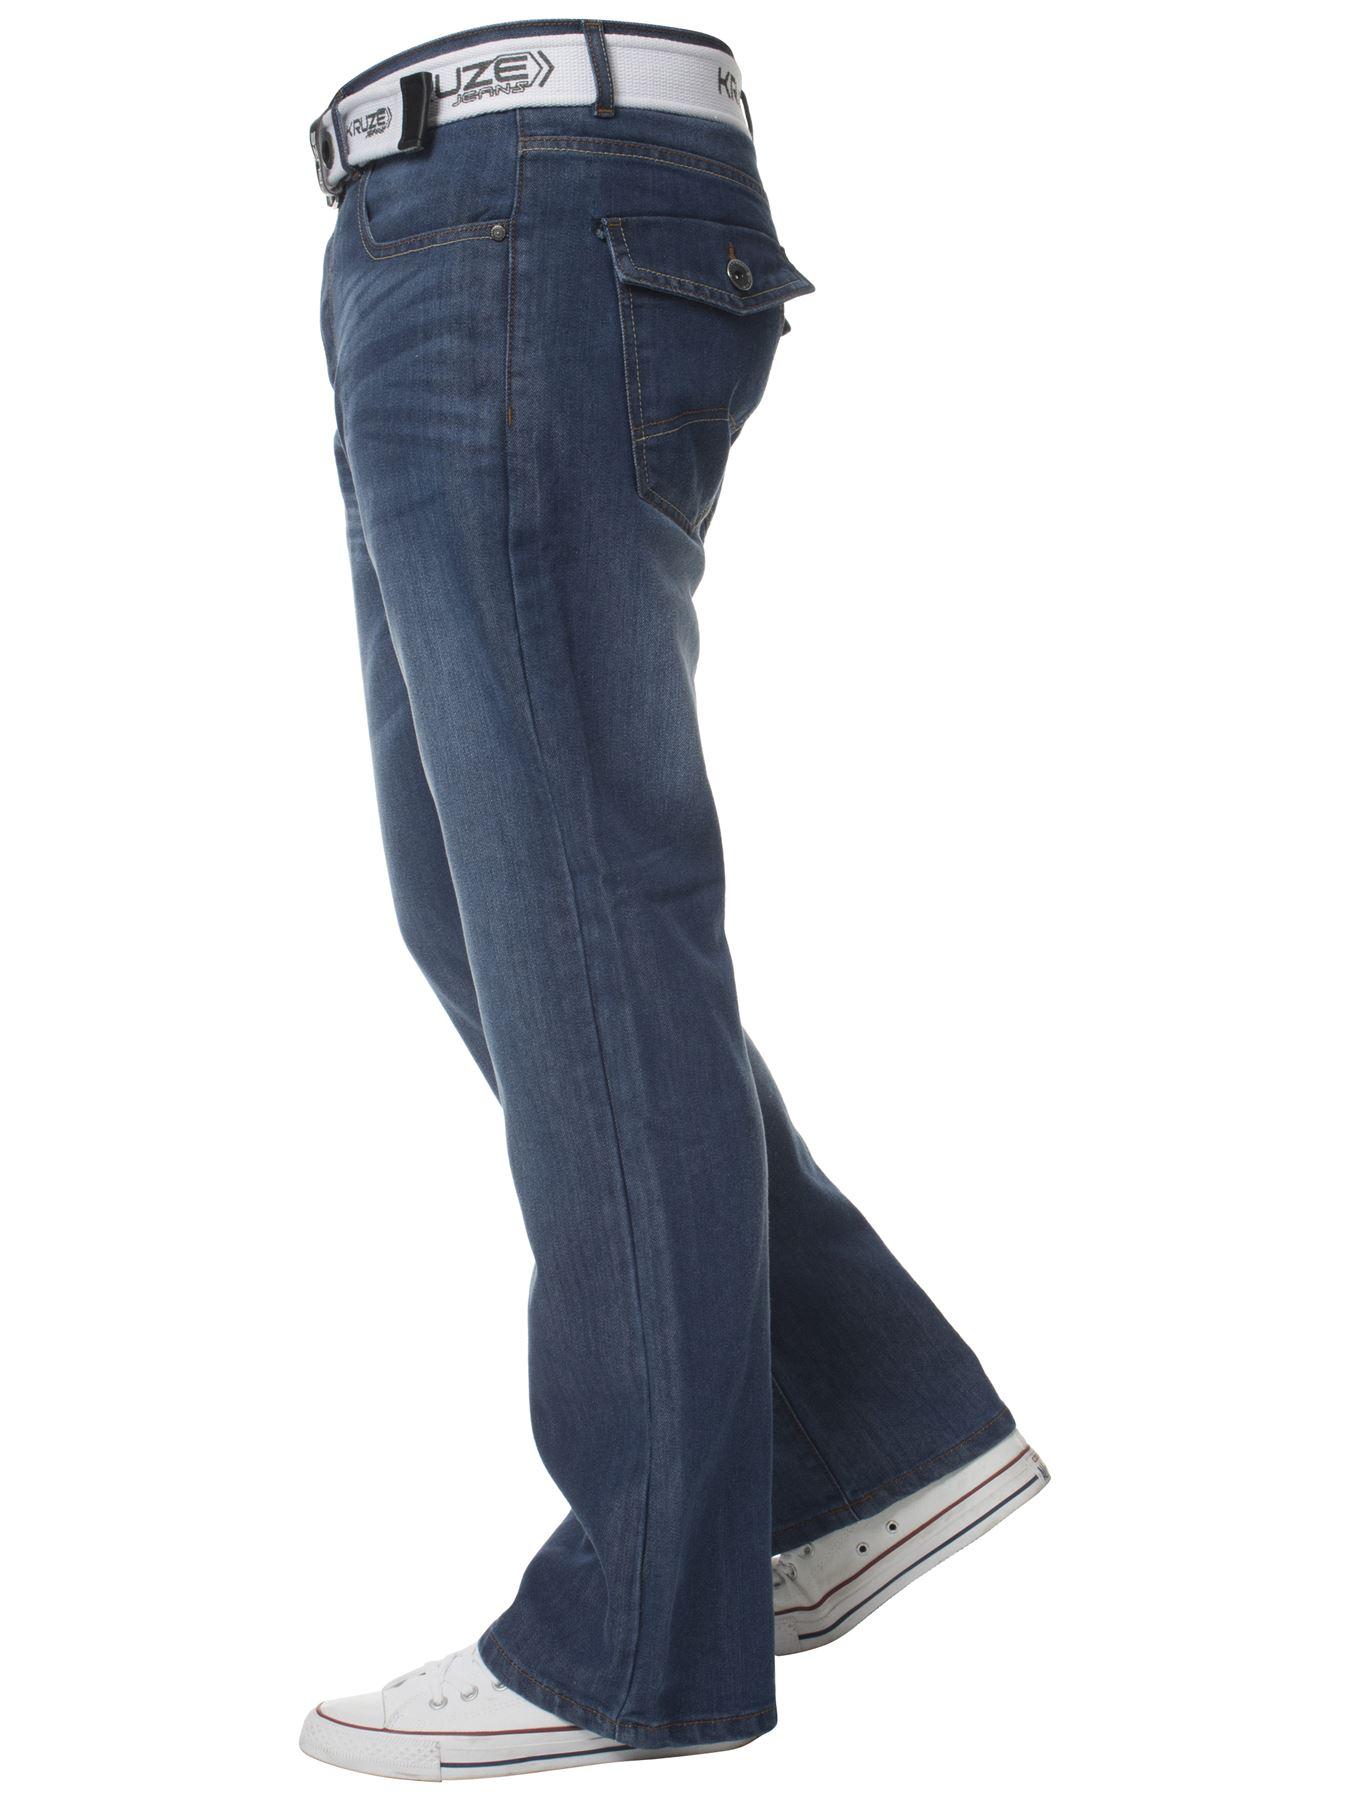 Kruze-Herren-Bootcut-Jeans-Ausgestellt-Weites-Bein-Denim-Hose-Gross-Hoch-Koenig Indexbild 4